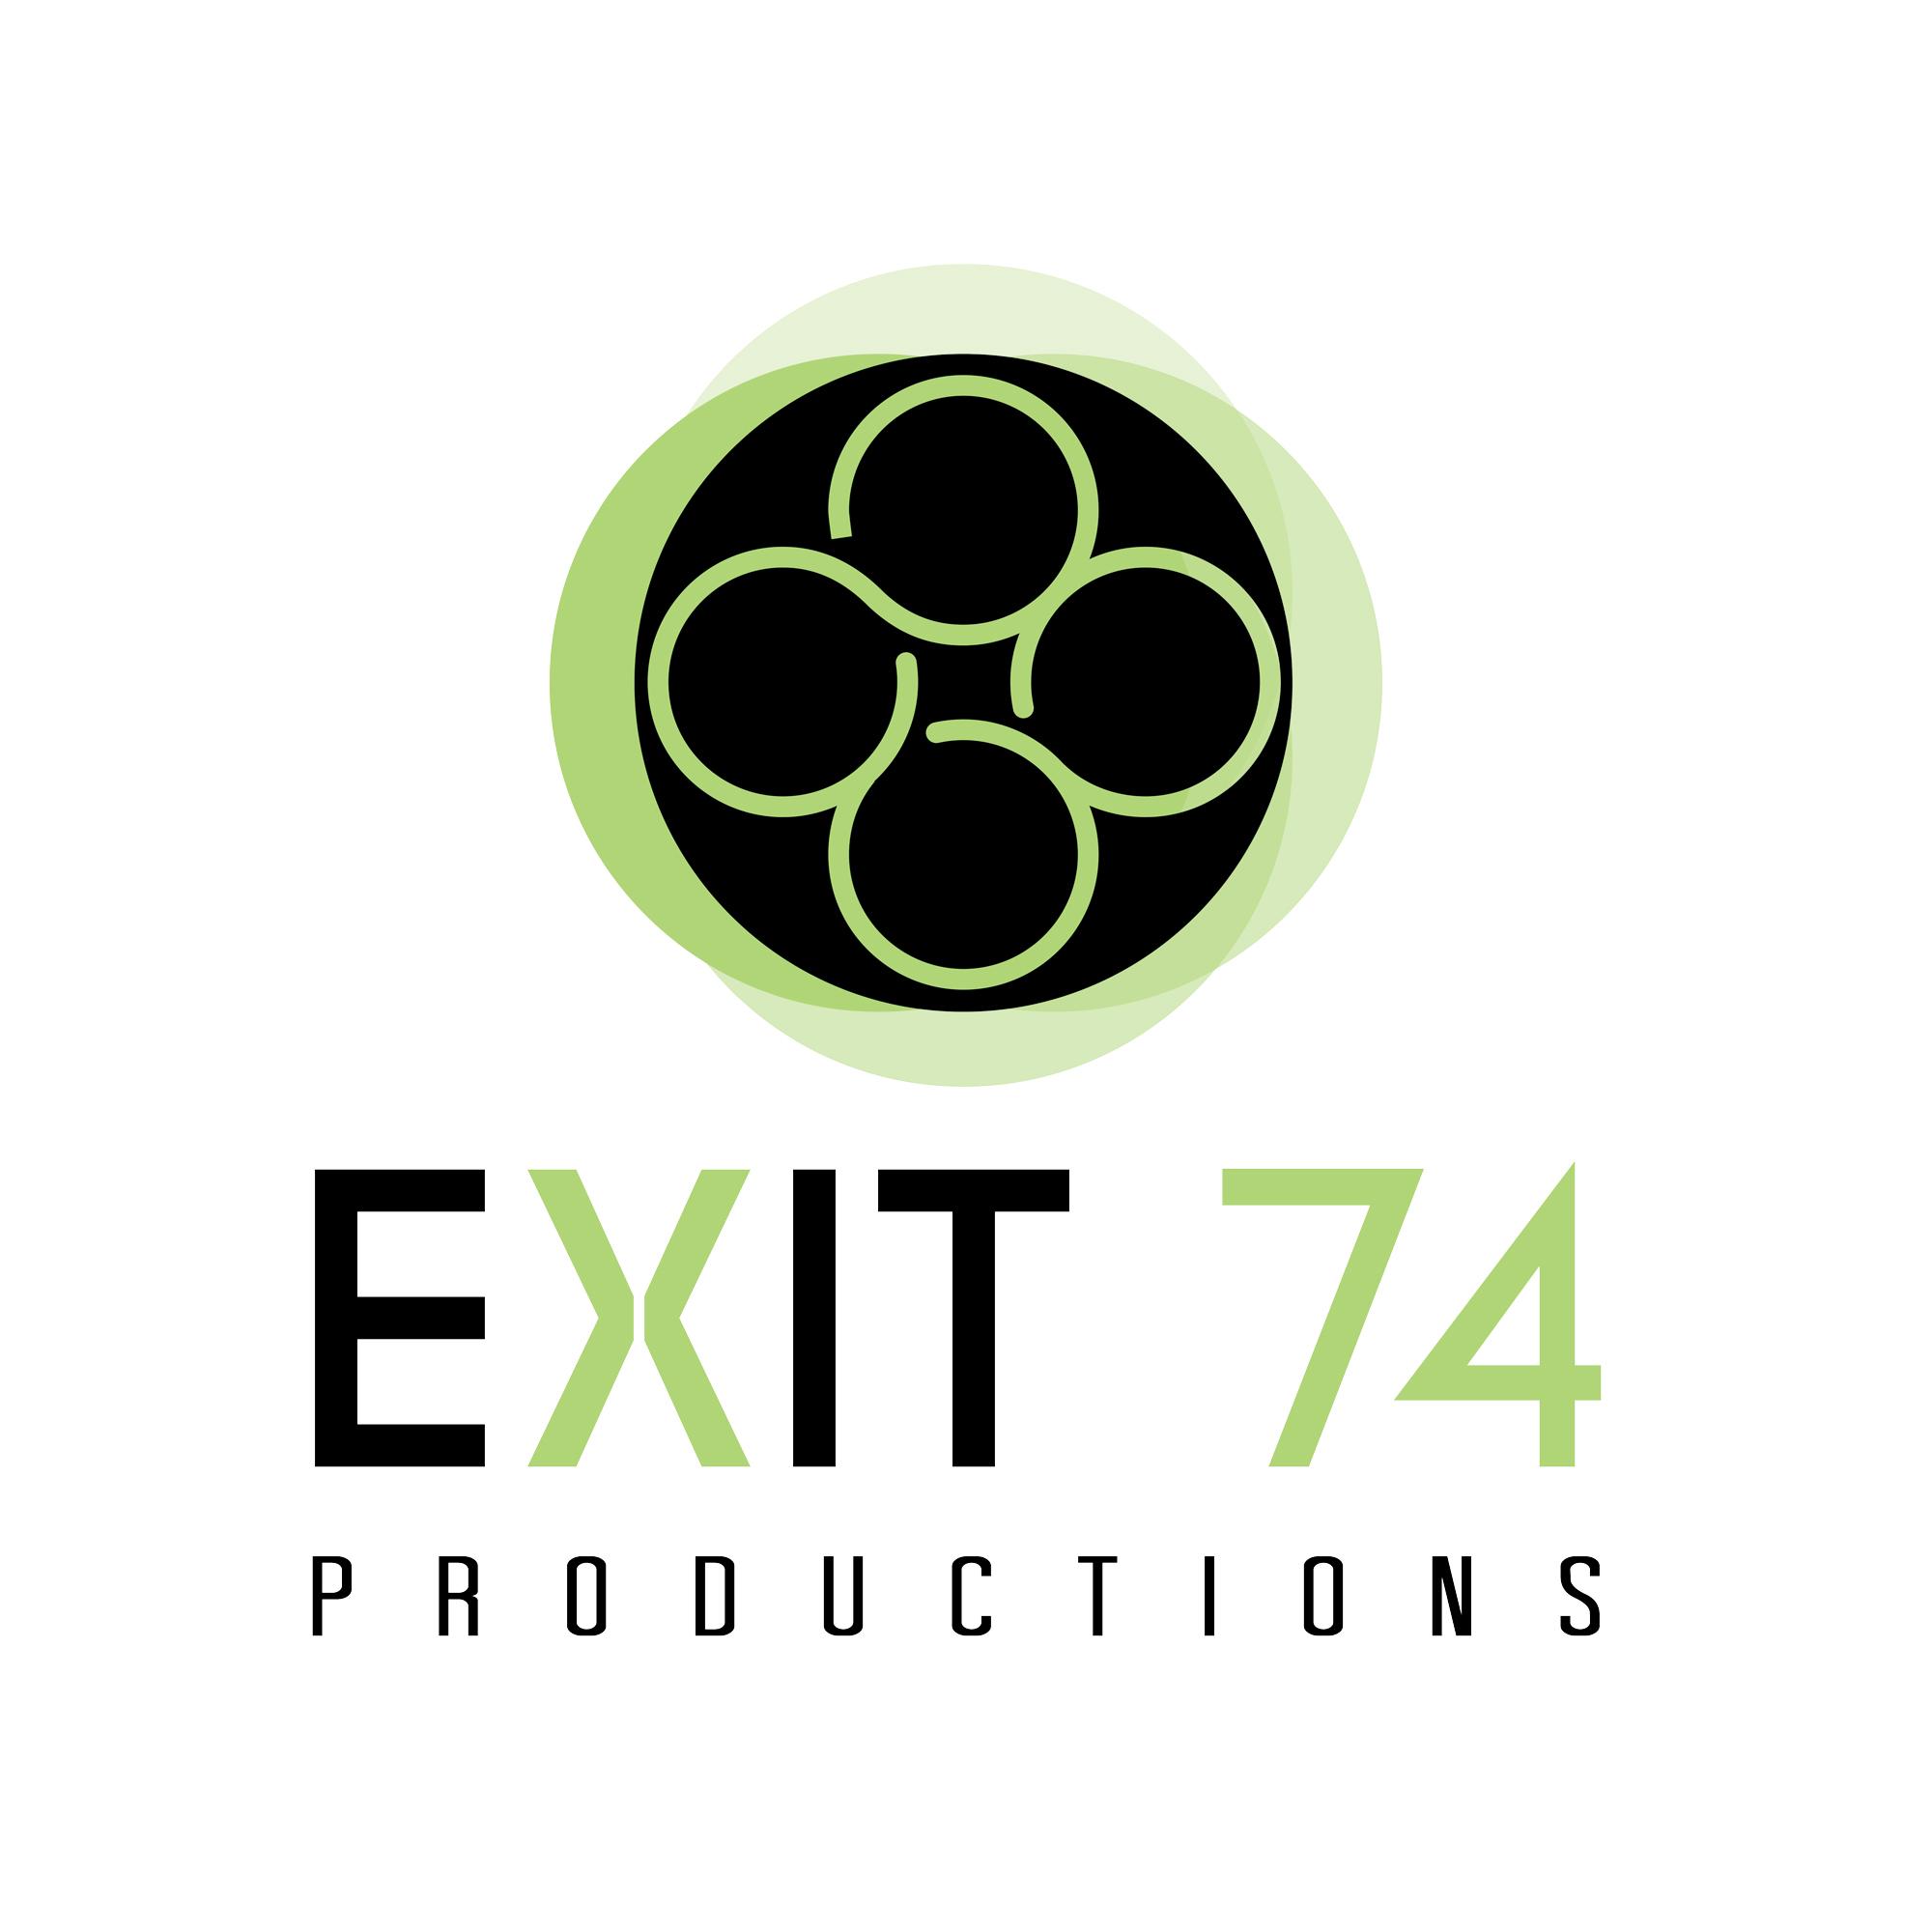 EXIT-74-LOGO_600-DPI.jpg